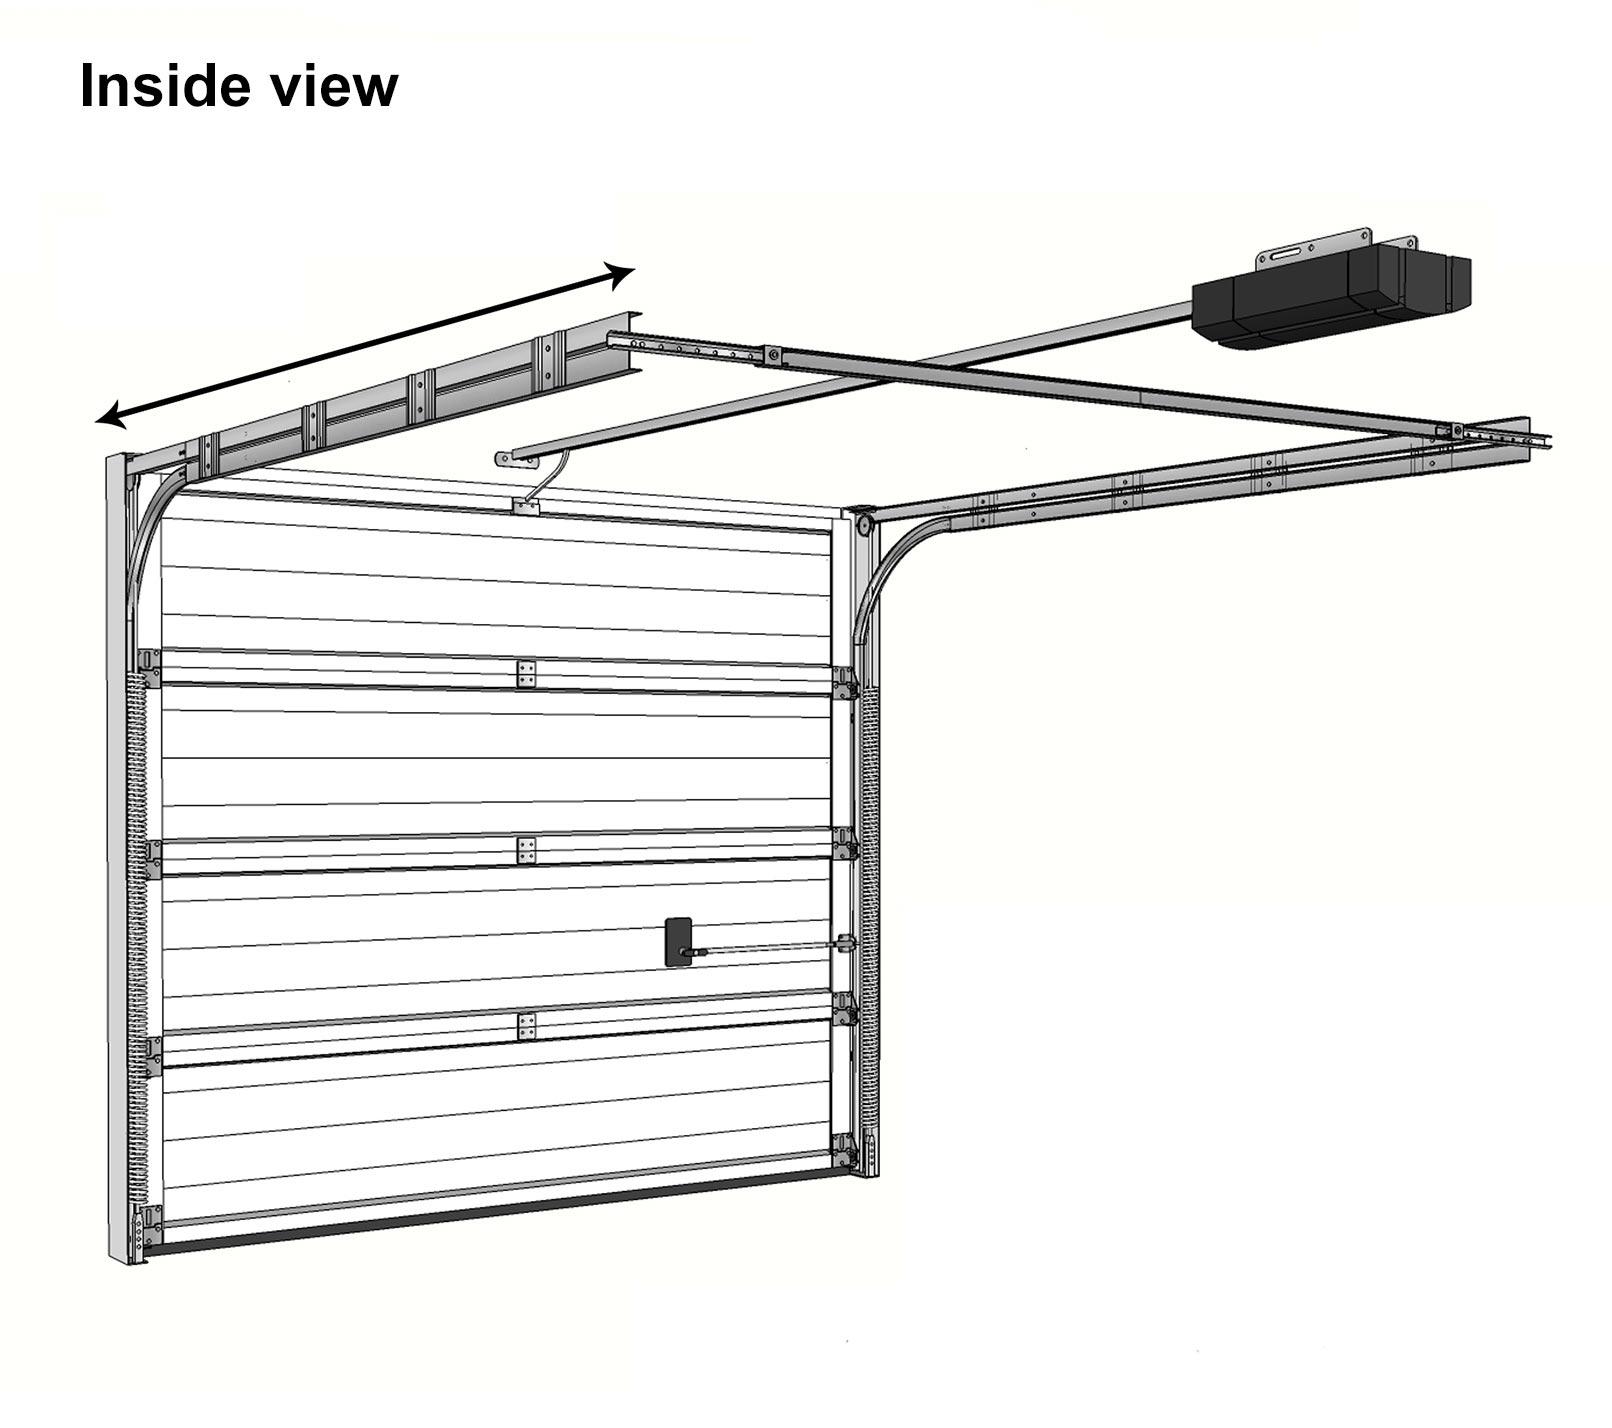 hight resolution of sectional garage door diagram